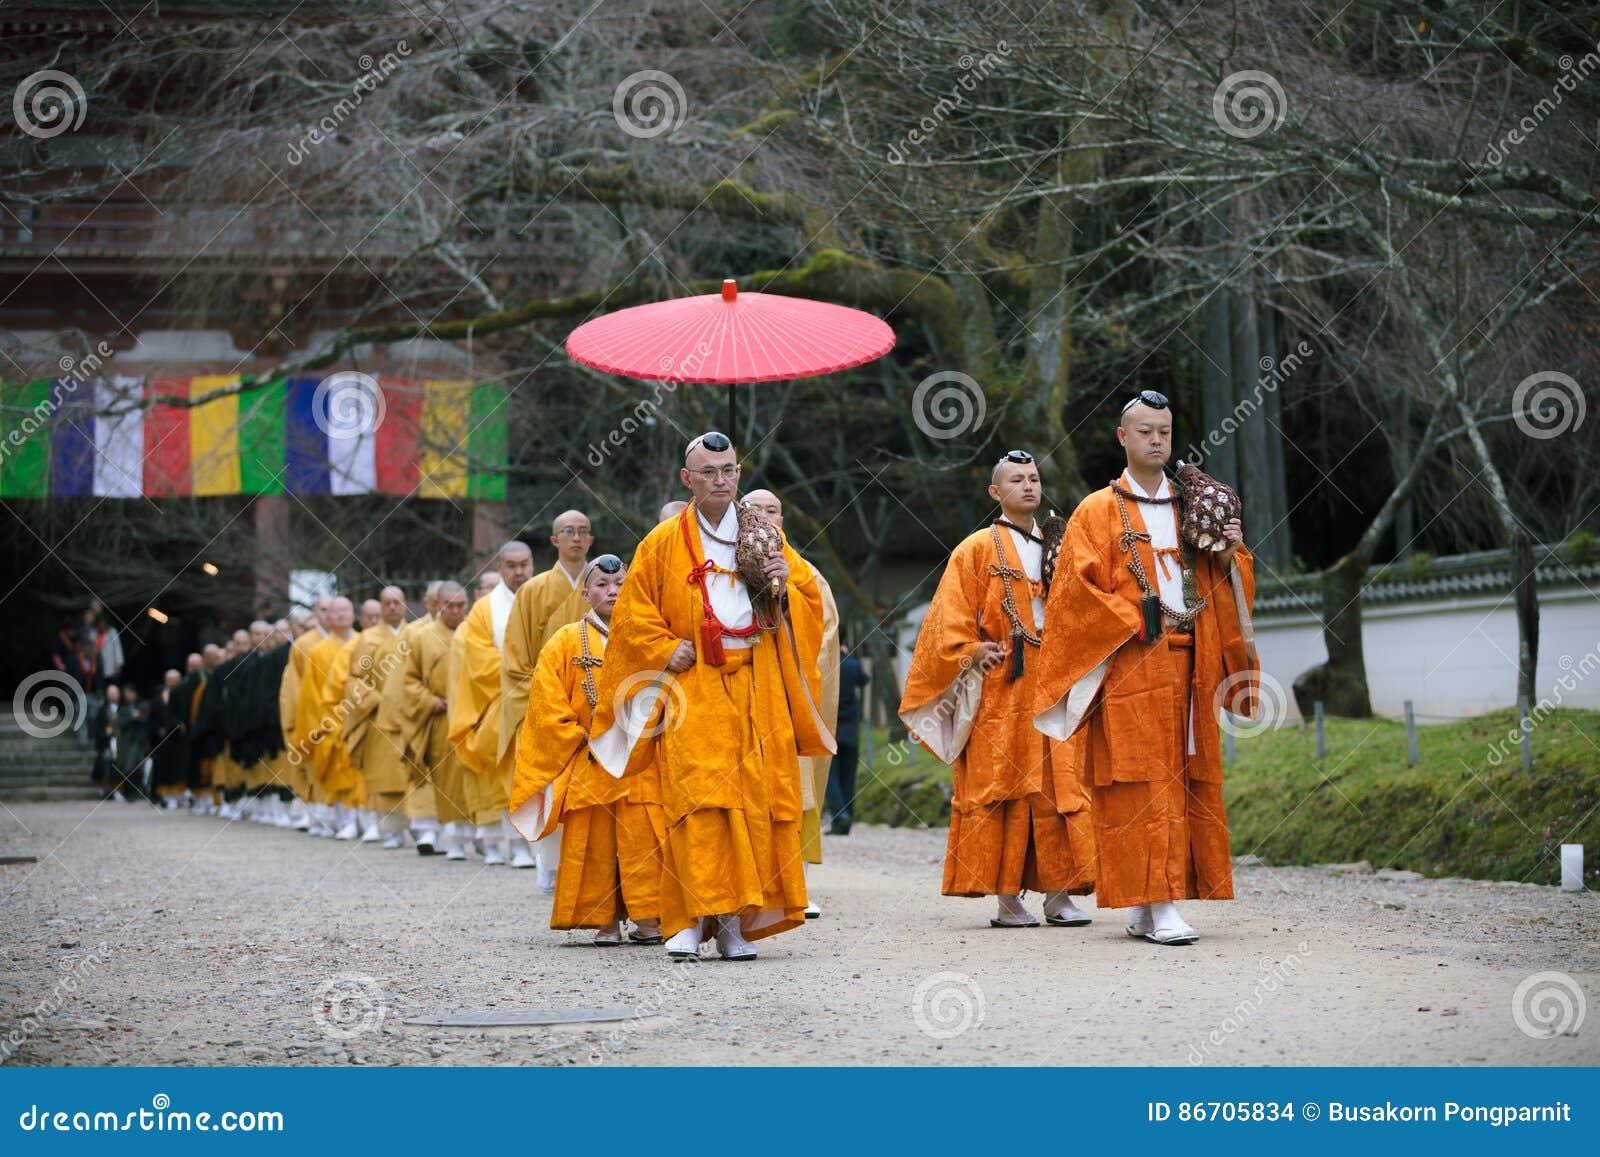 ΚΙΟΤΟ, ΙΑΠΩΝΙΑ - 25 ΝΟΕΜΒΡΊΟΥ: Ιαπωνικός μοναχός Daigo-daigo-ji στο ναό, Ιαπωνία στις 25 Νοεμβρίου 2015 Μη αναγνωρισμένη ομάδα τω